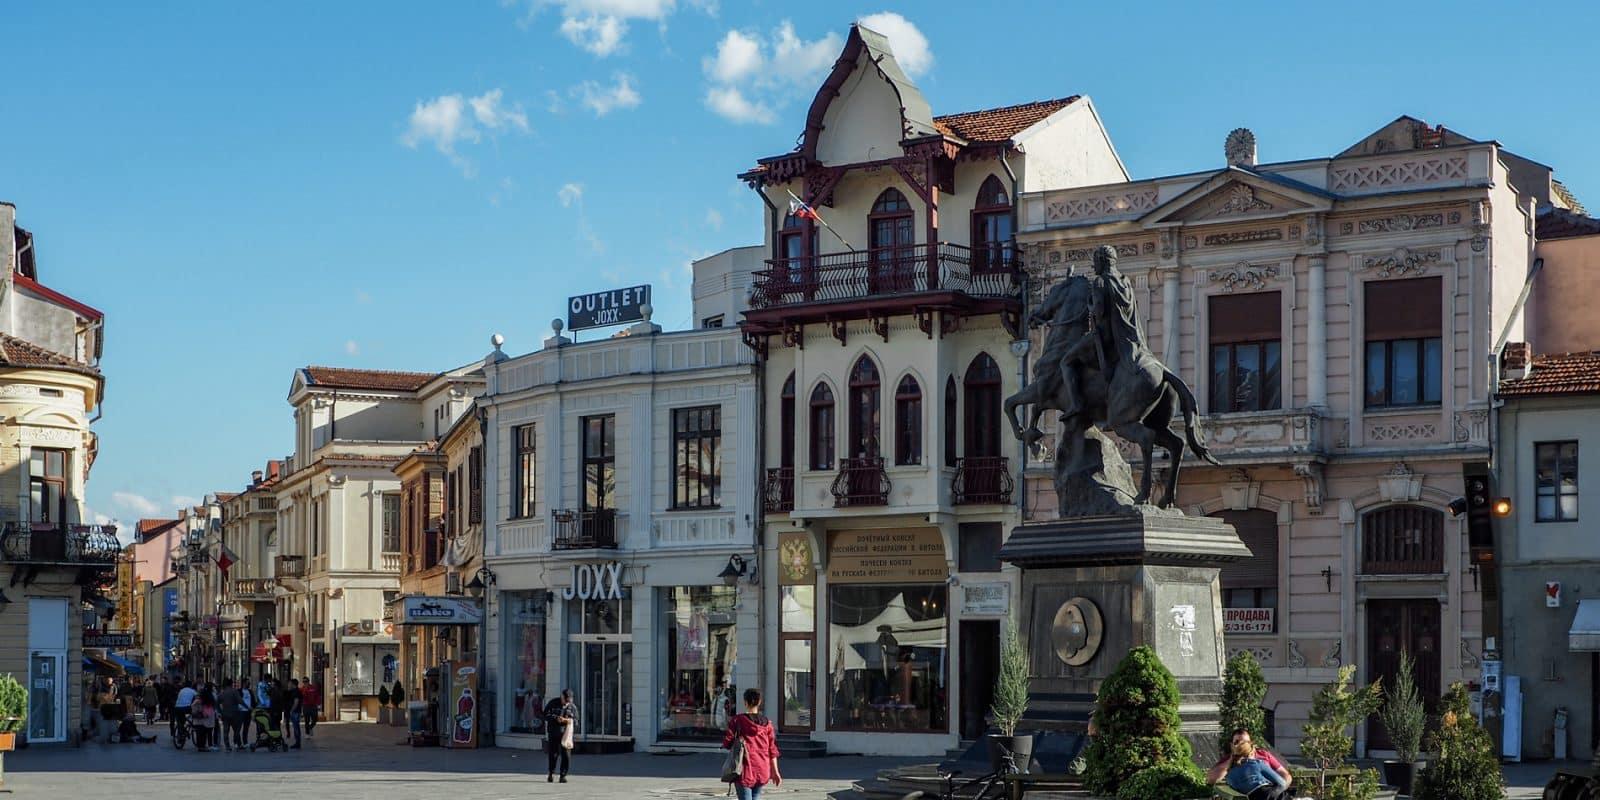 Główny plac Bitoli z wieżą zegarową